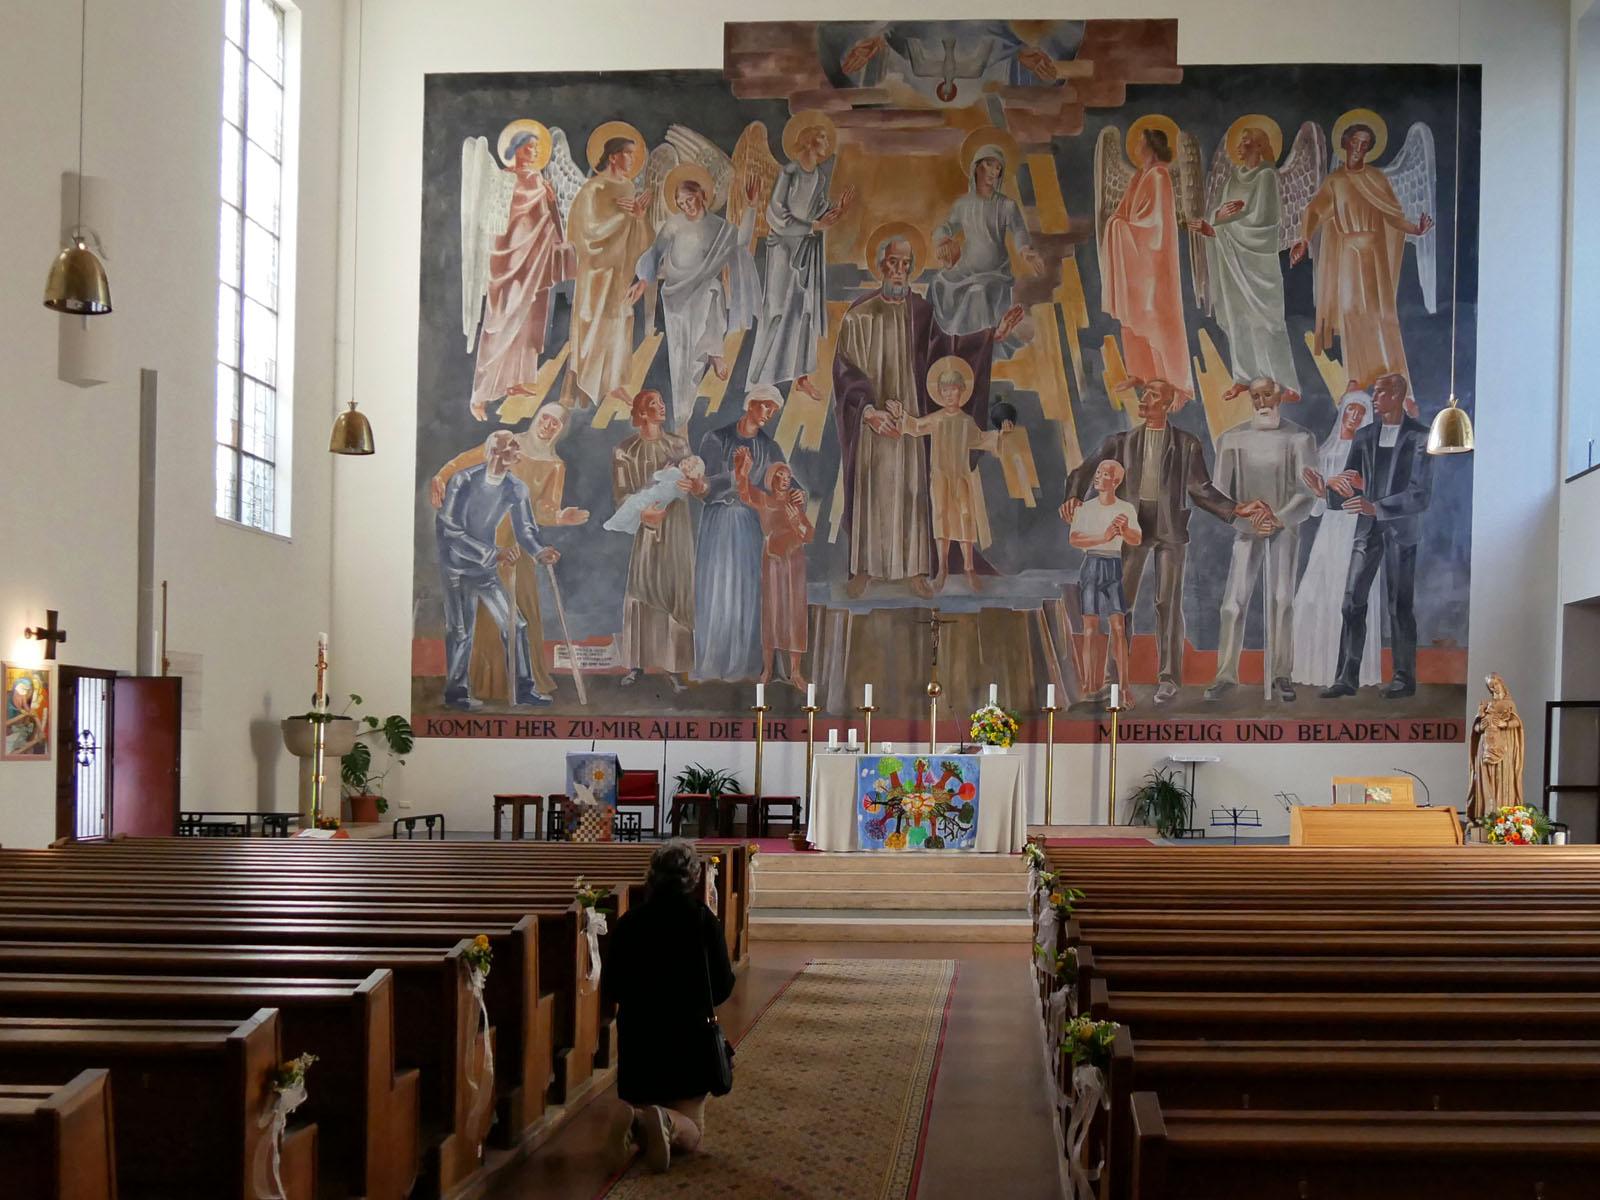 Altrabild von Hans Andre, im Mittelpunkt der Heilige Josef mit dem kleinen Jesus